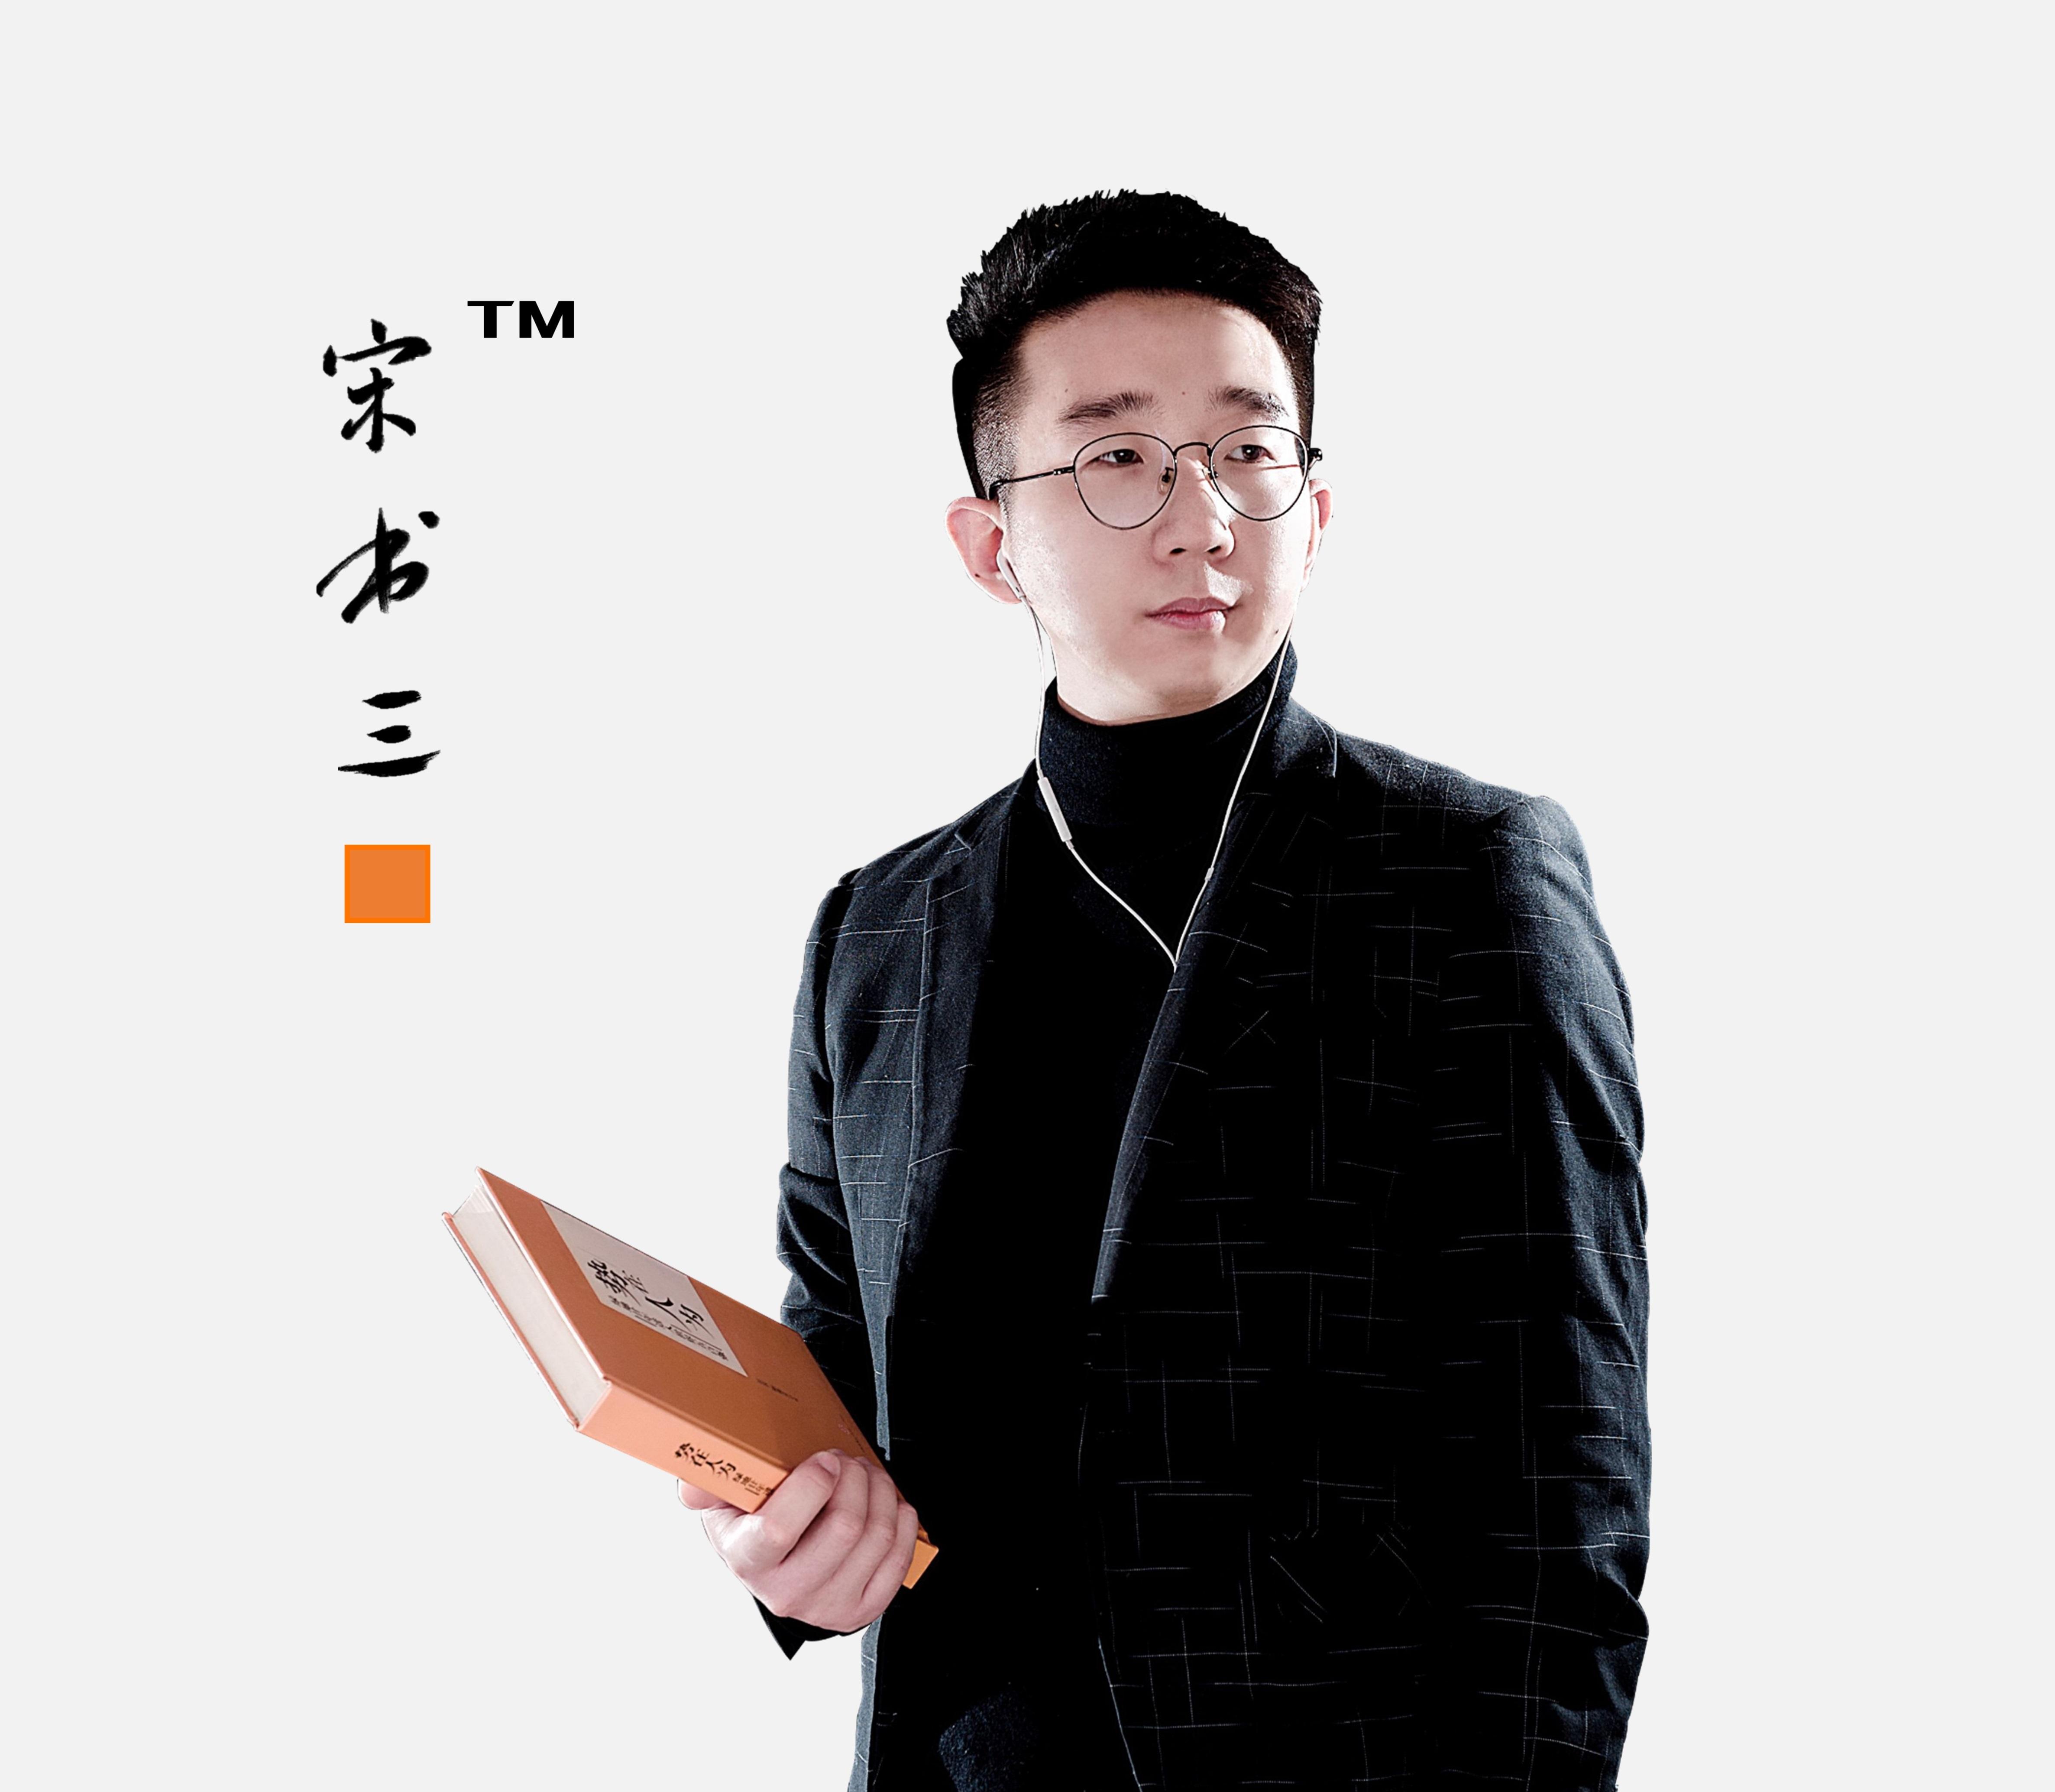 宋书三个人品牌竖屏20200902 - 副本.jpg